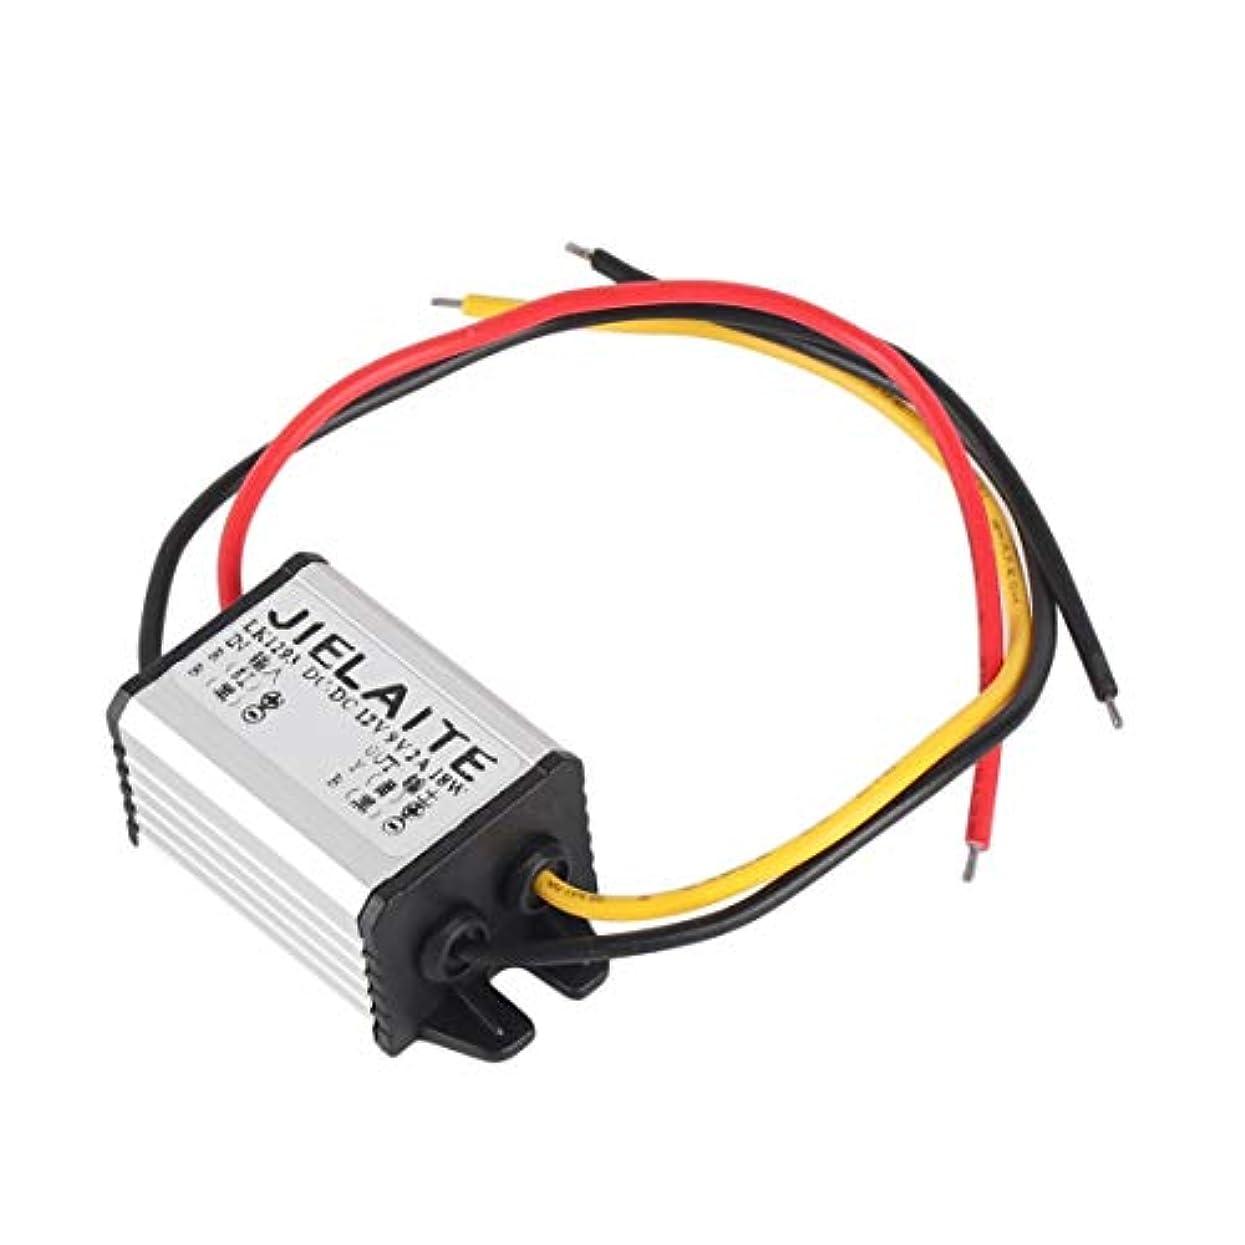 迫害保守的記憶防水DC-DCコンバータ12Vから3-9V 2A 3A自動車用電源モジュール供給銅線コード降圧電圧レギュレータ-シルバー&ブラック12Vから9V 2A